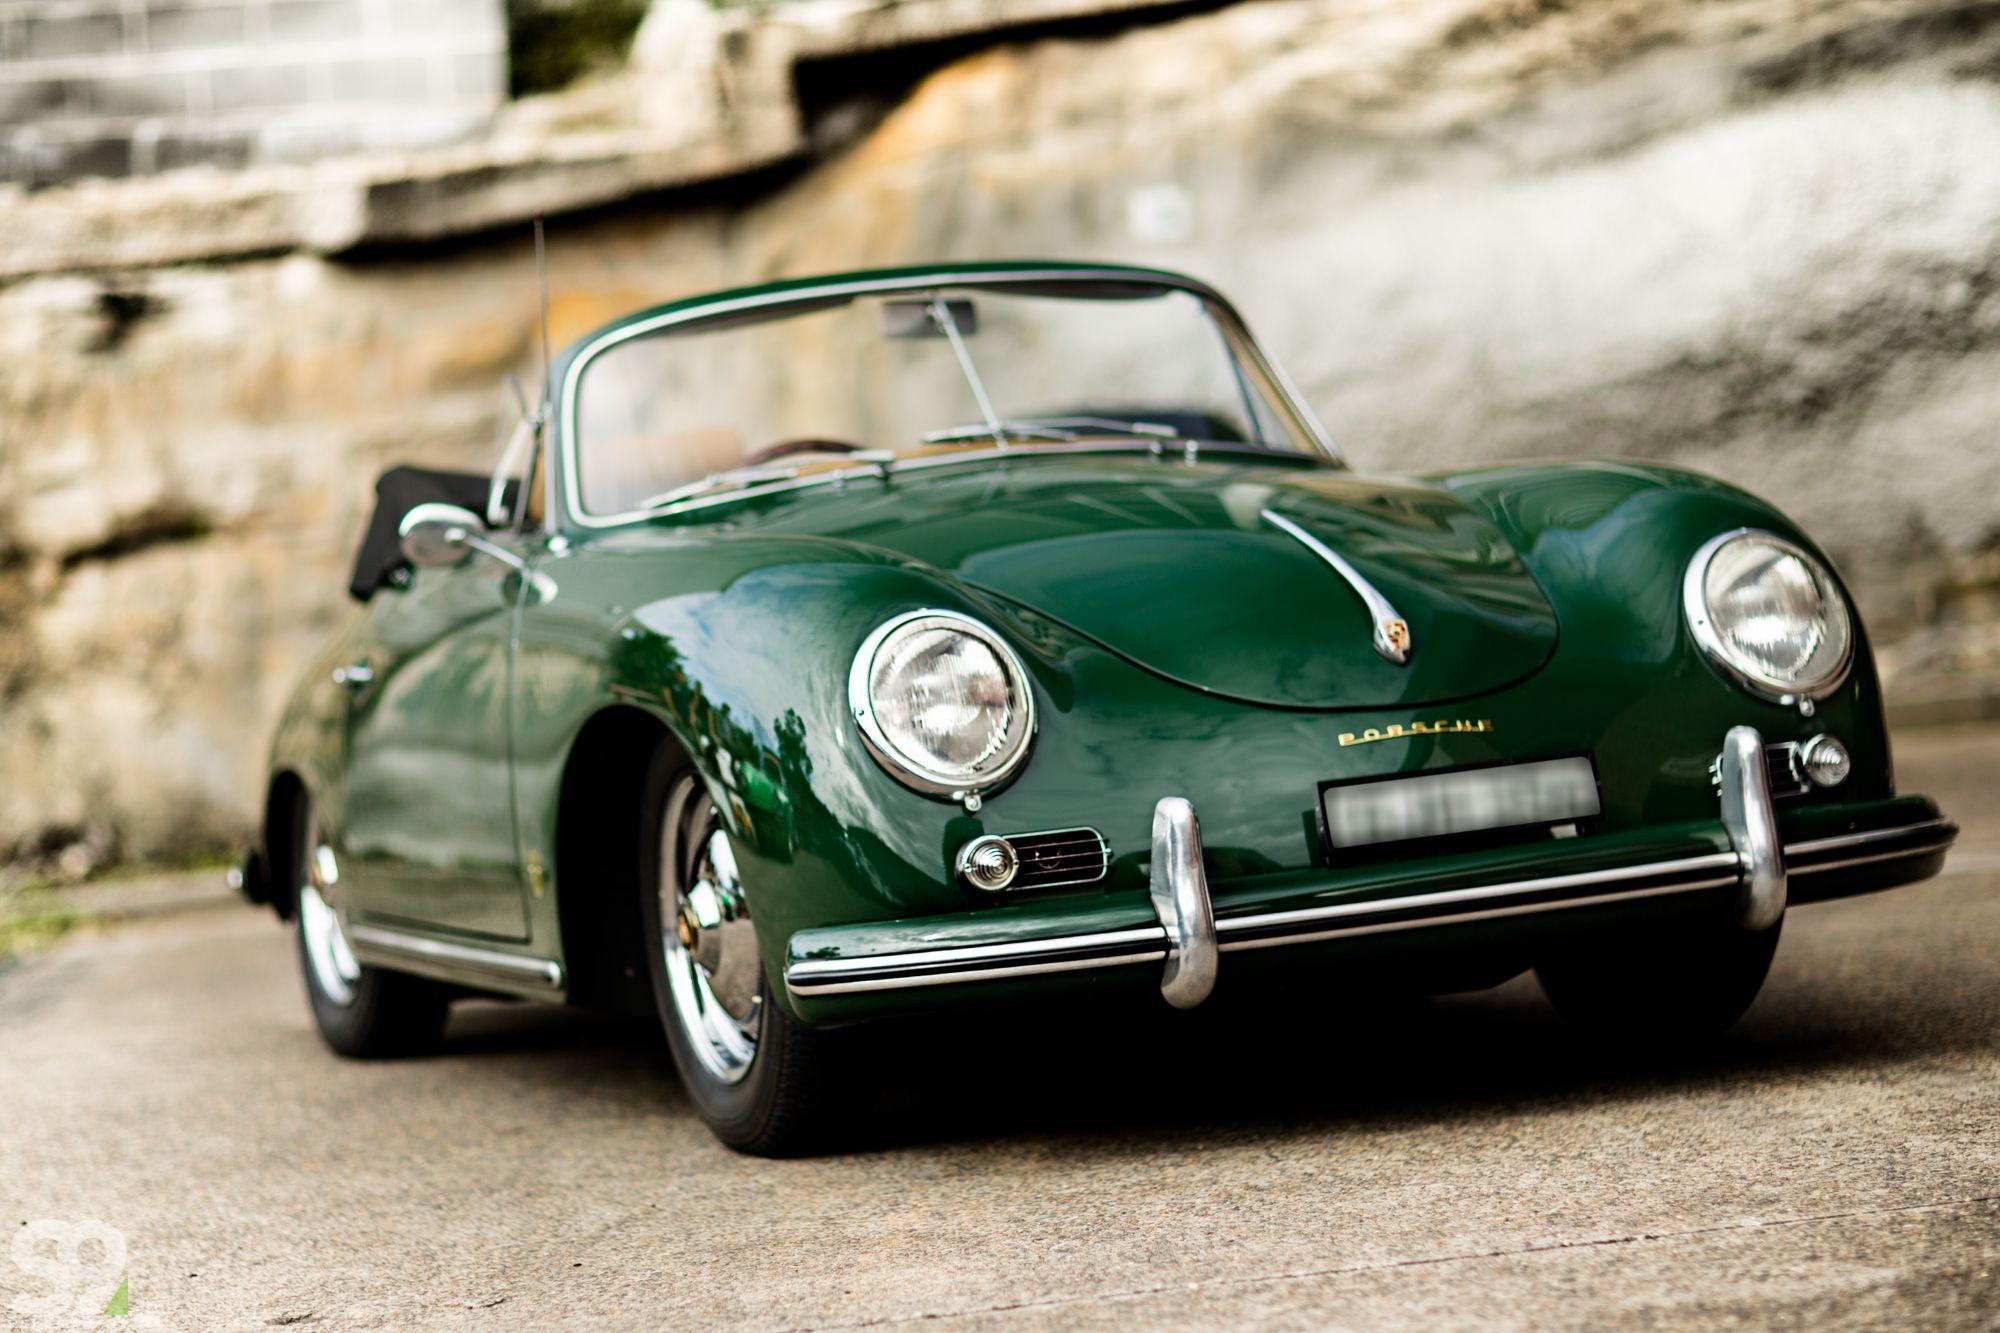 Green Porsche Cars Pinterest Porsche Cars And Wheels